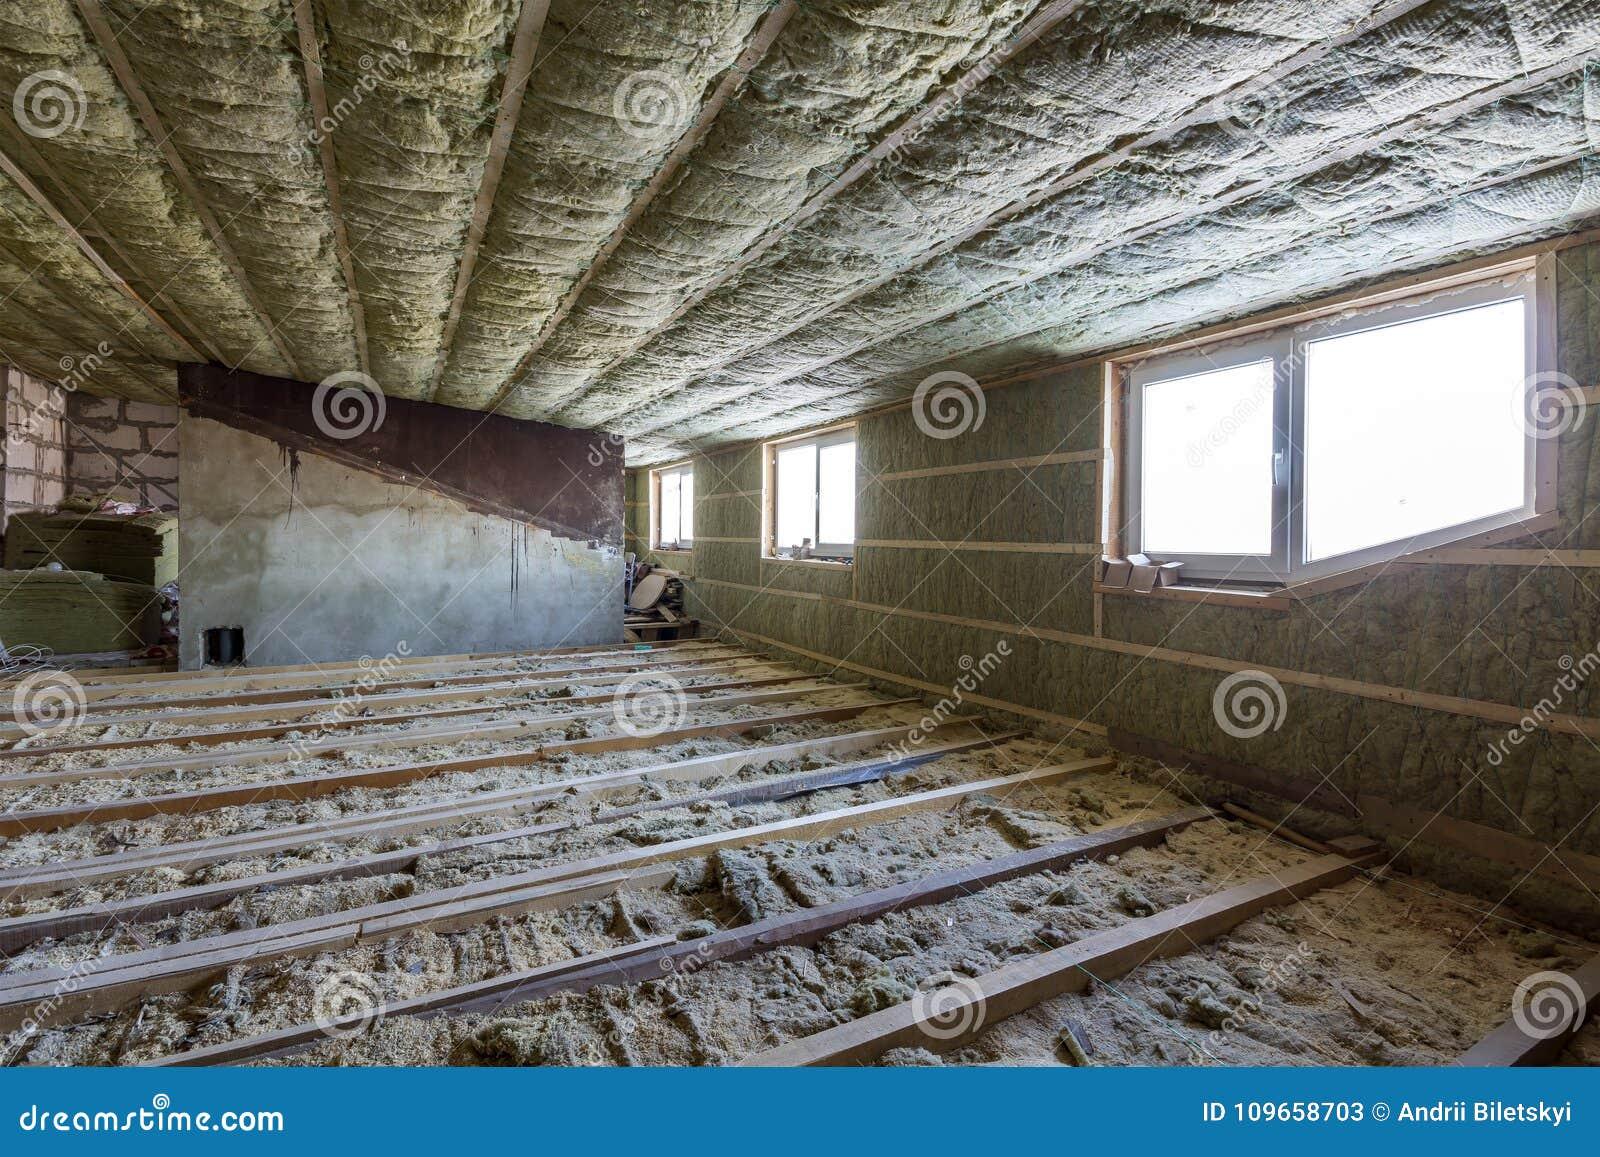 Чердак дома под конструкцией Стены мансарды и изоляция потолка с шерстями утеса Материал изоляции стеклоткани в деревянном fram